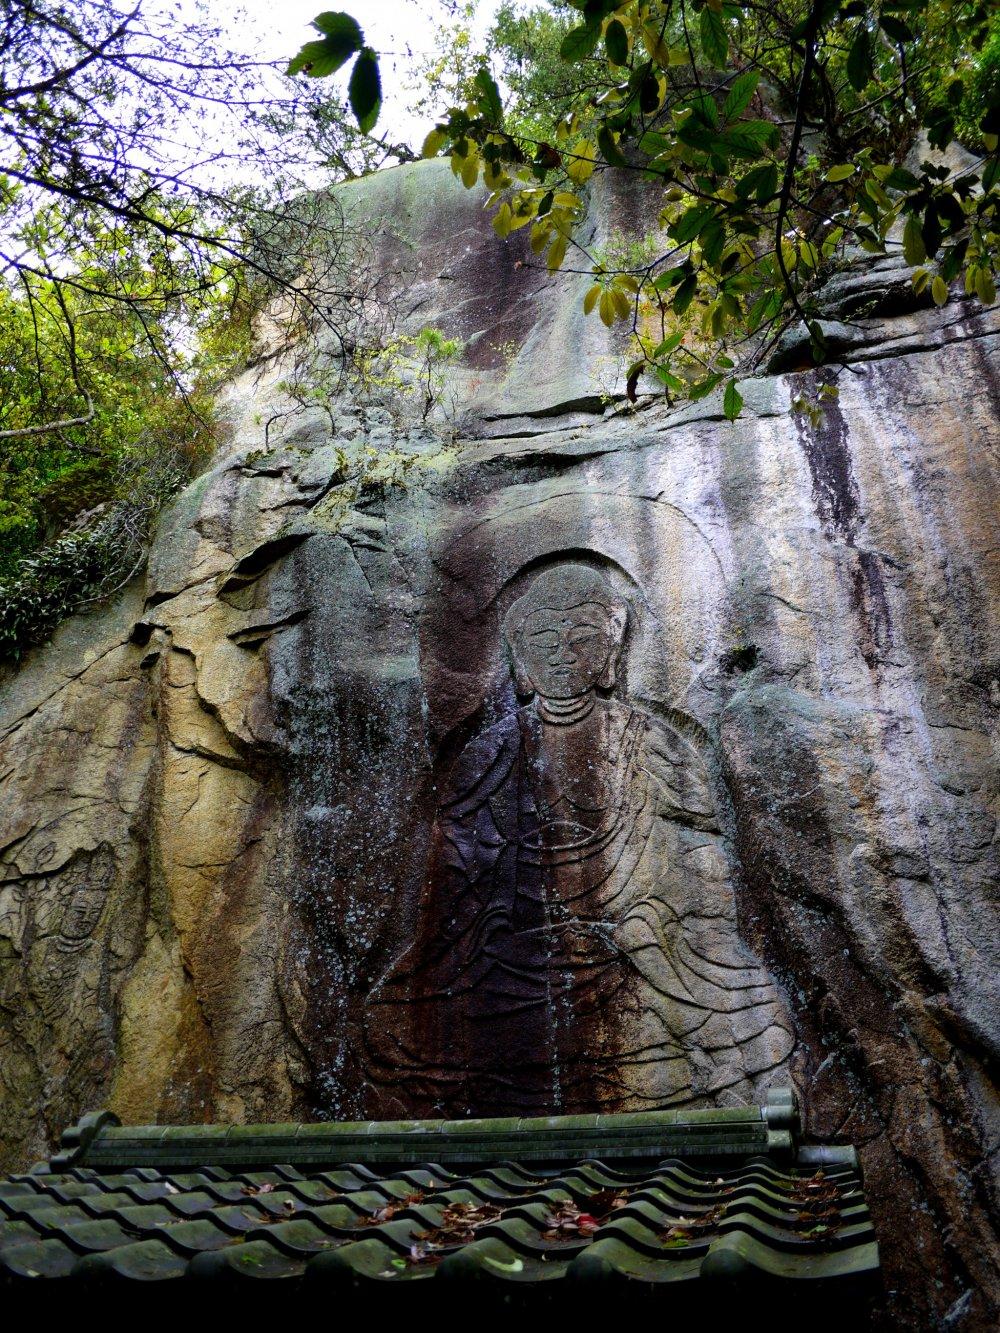 พระพุทธรูปแกะสลักสูง 6.3 เมตร